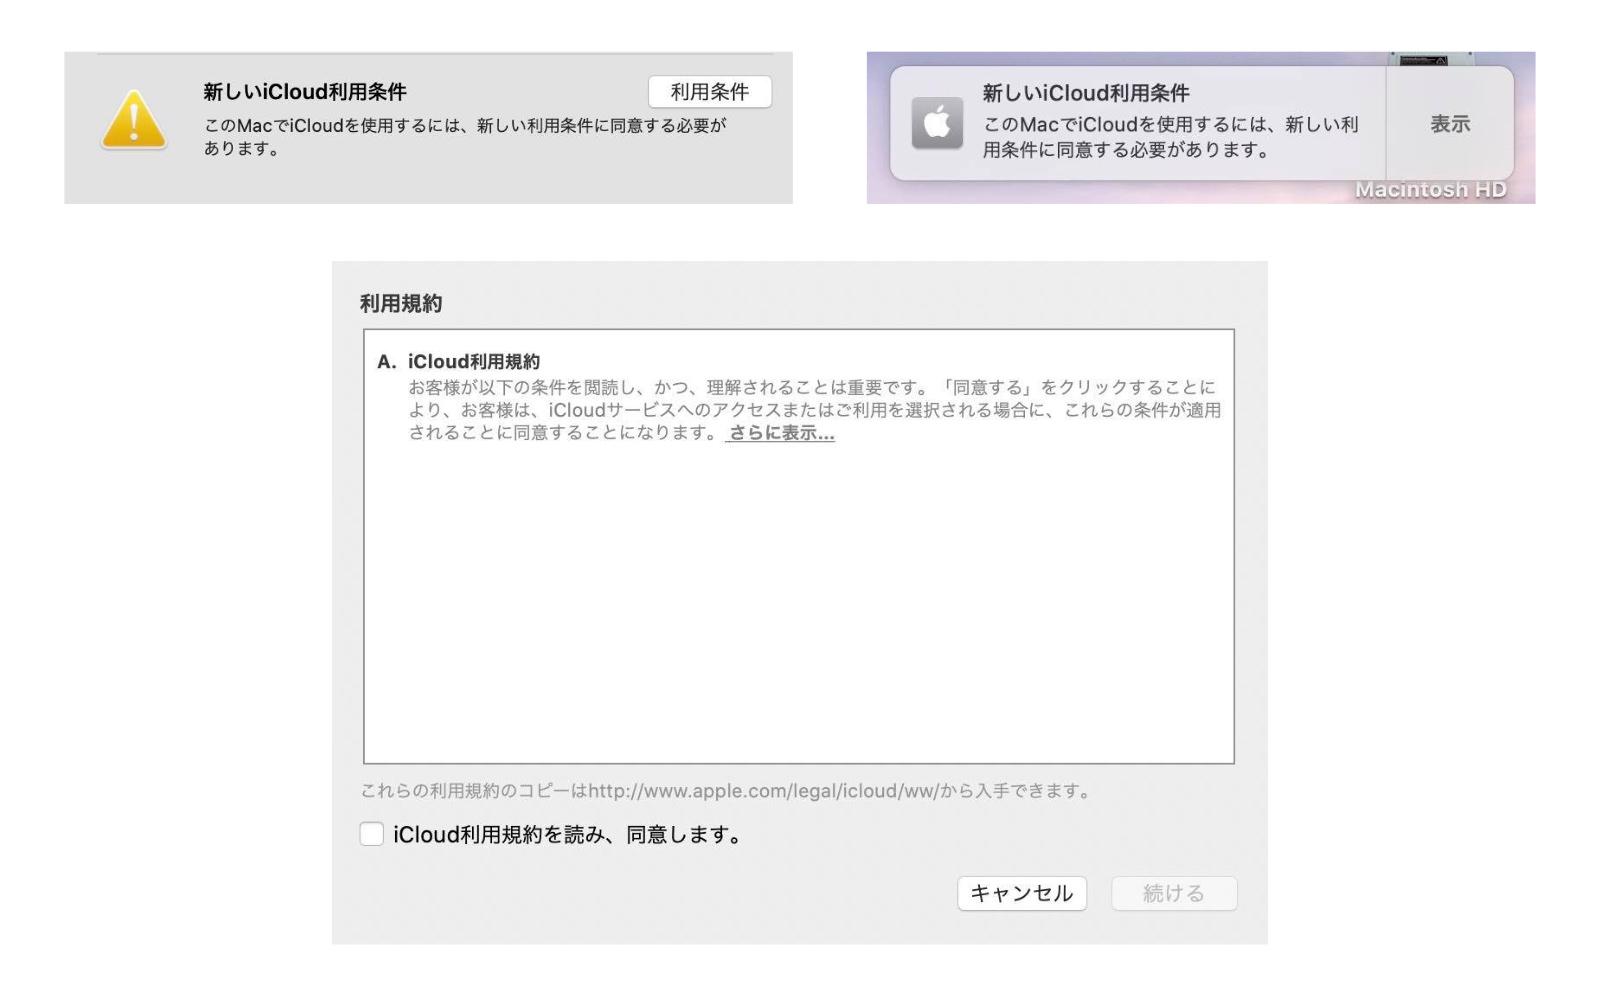 ICloud Error message